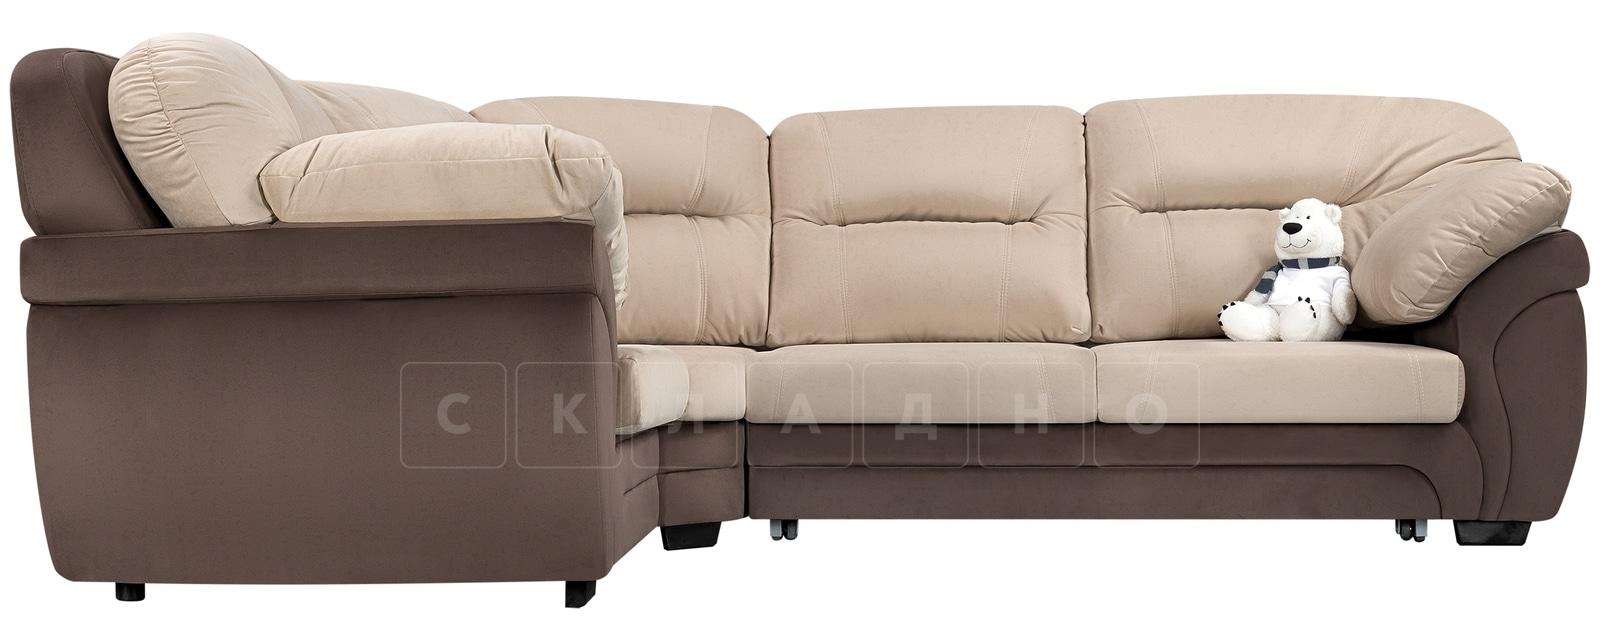 Диван угловой Бристоль велюр бежевый с коричневым левый угол фото 2 | интернет-магазин Складно